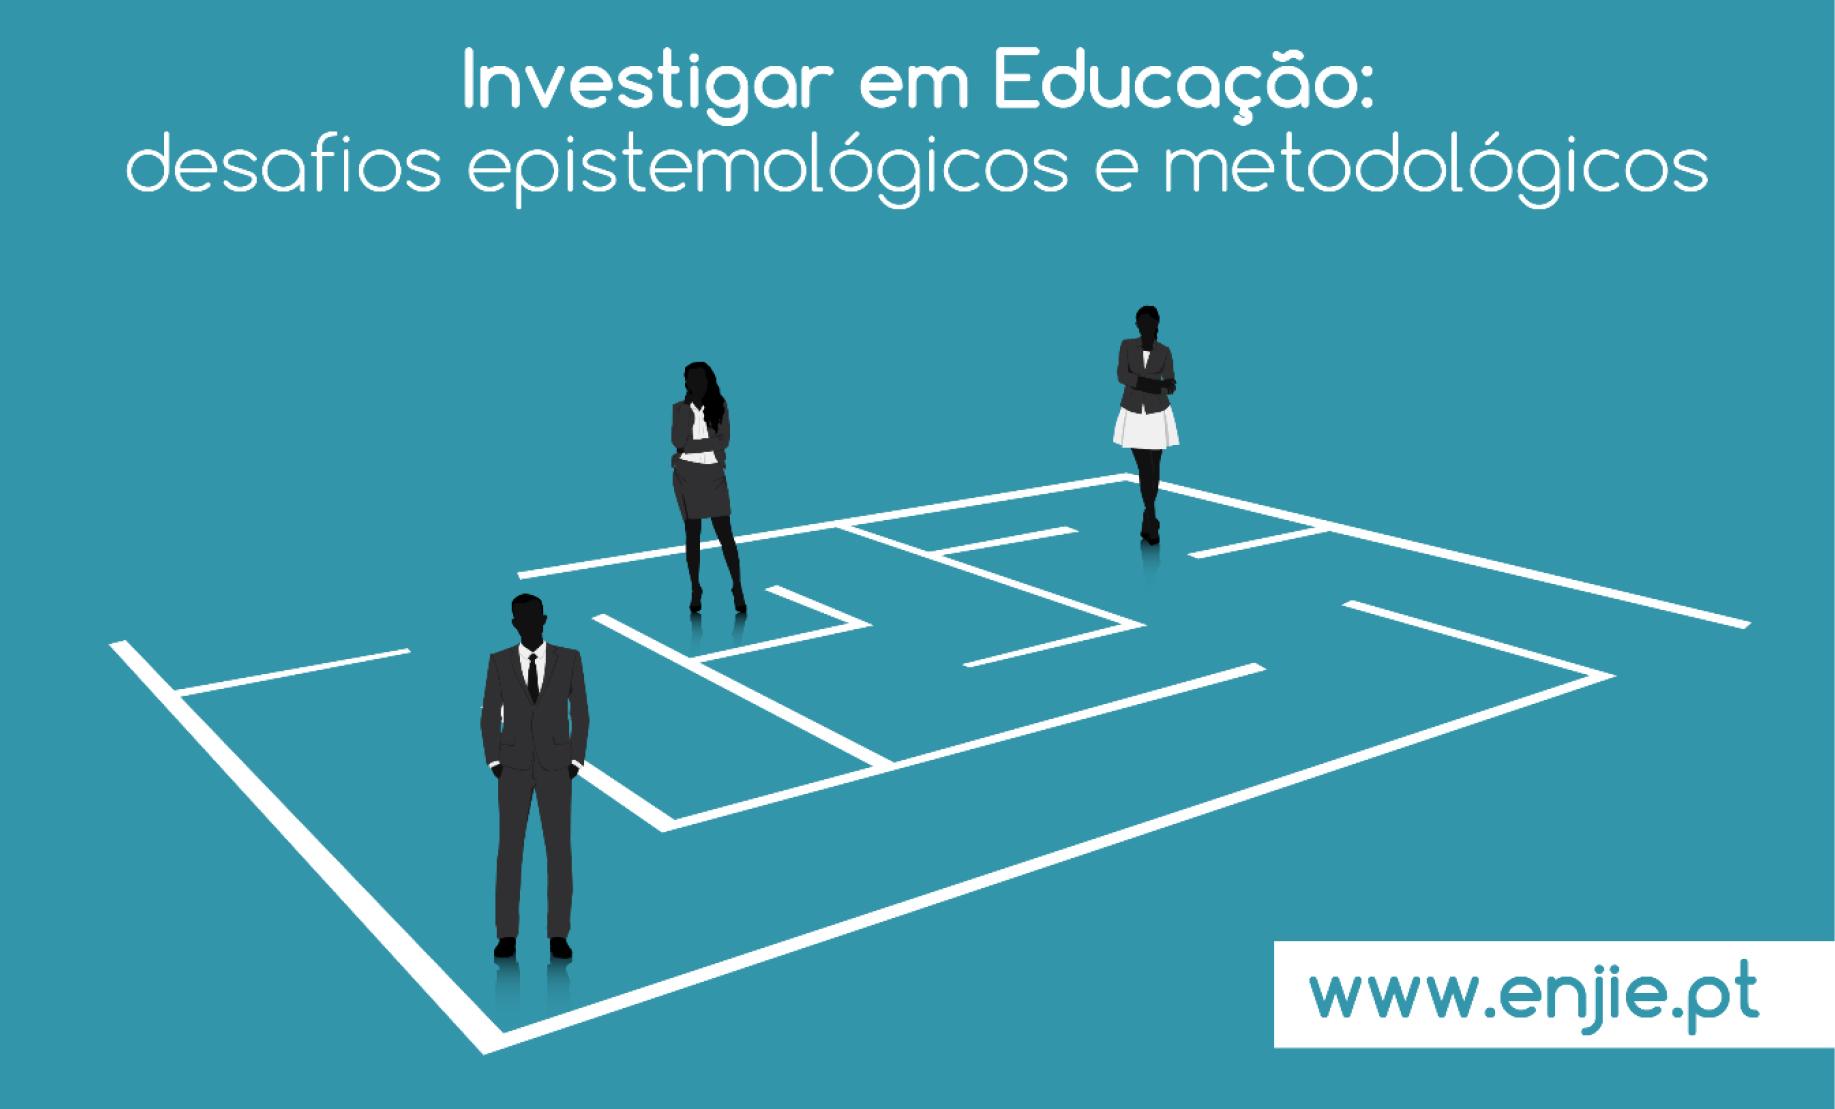 Investigar em Educação: desafios epistemológicos e metodológicos